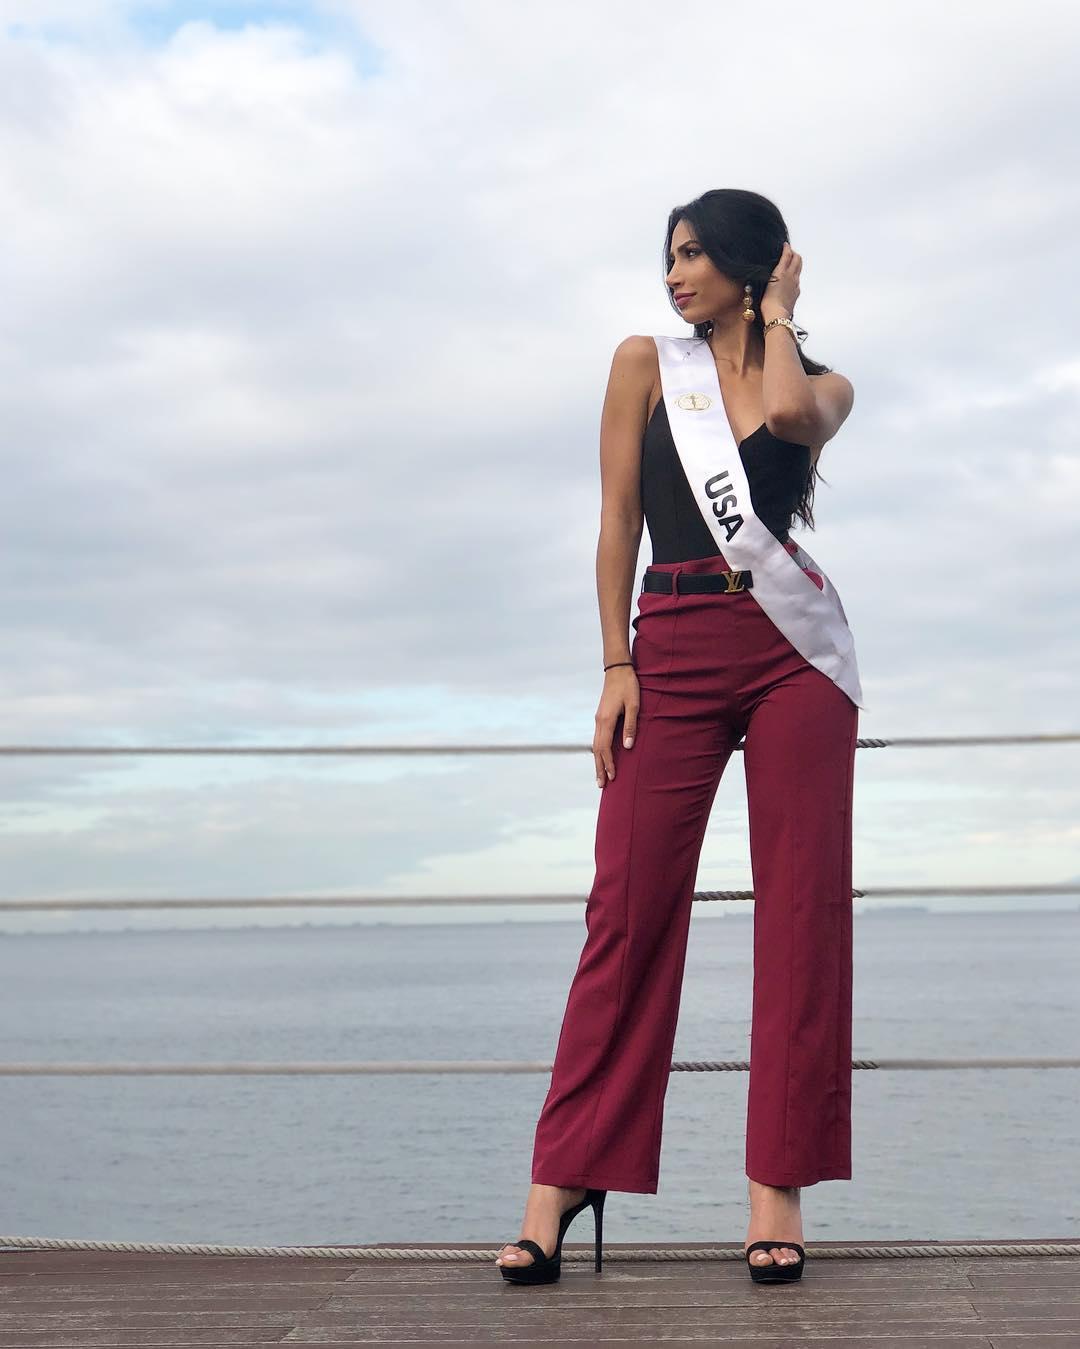 marianny egurrola, top 20 de miss intercontinental 2018-2019. - Página 6 49933812